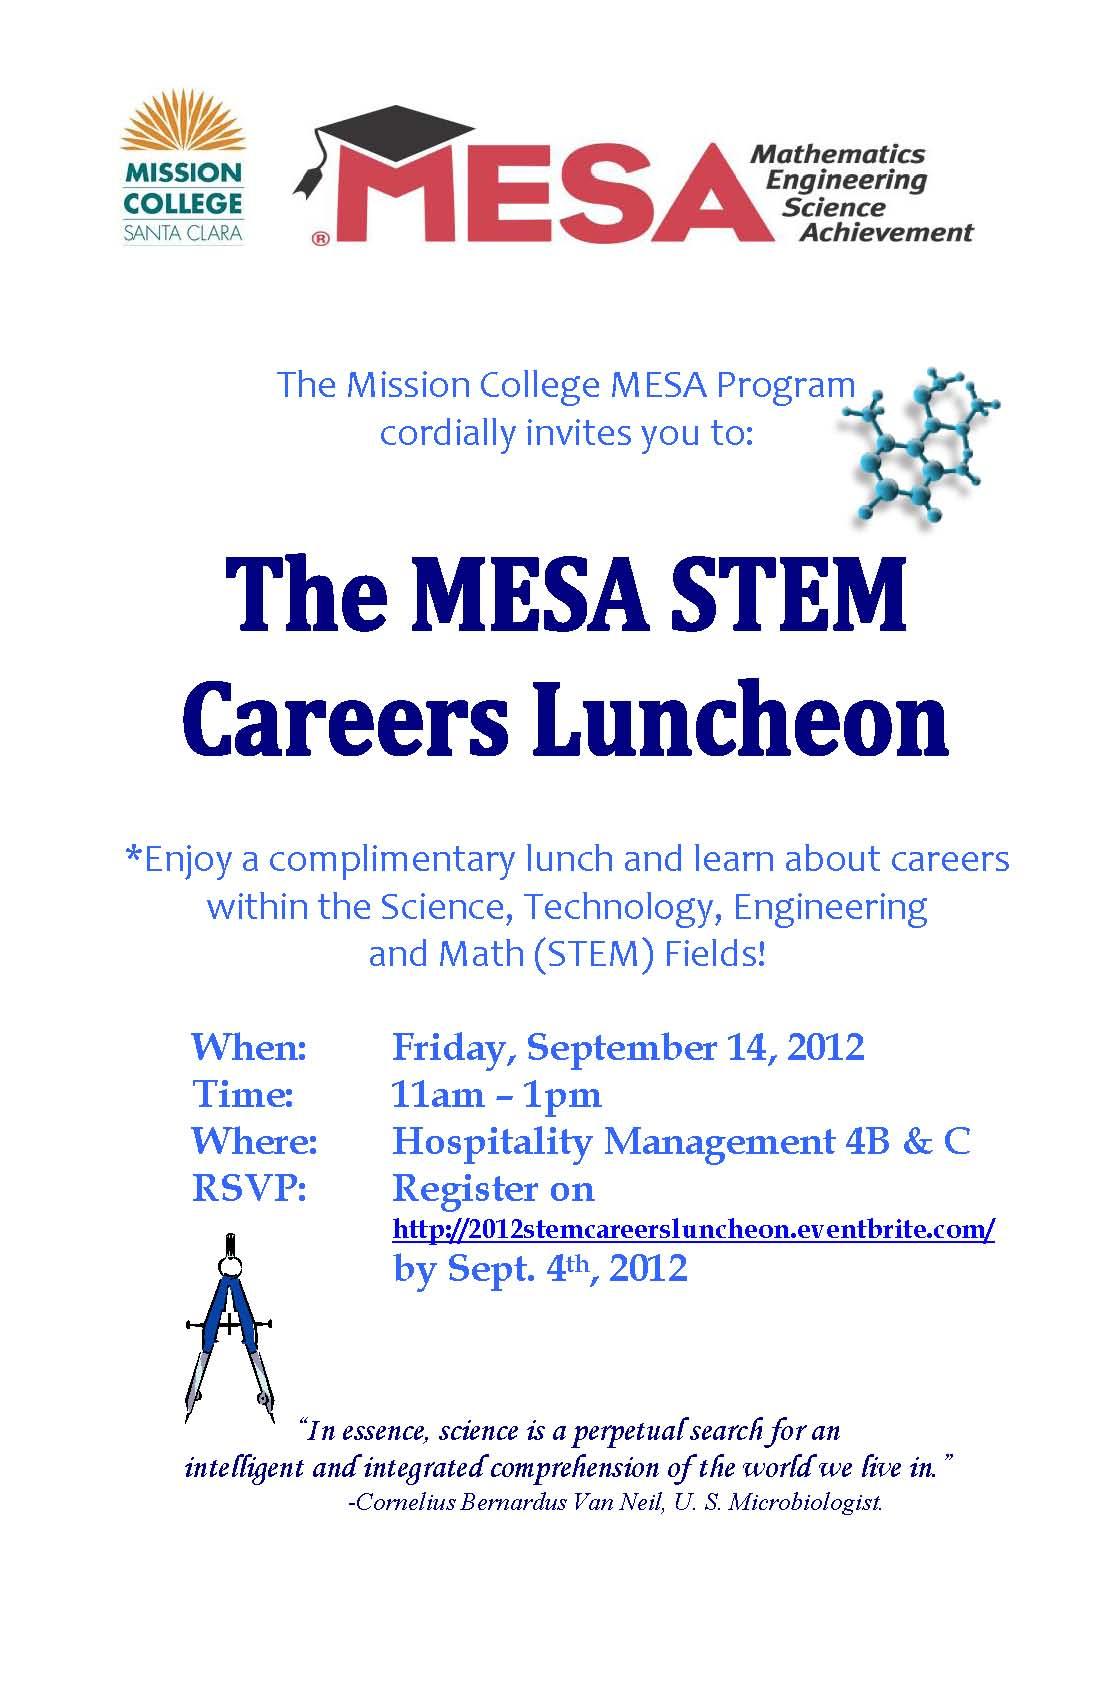 MESA 2012 STEM Careers Luncheon Flyer